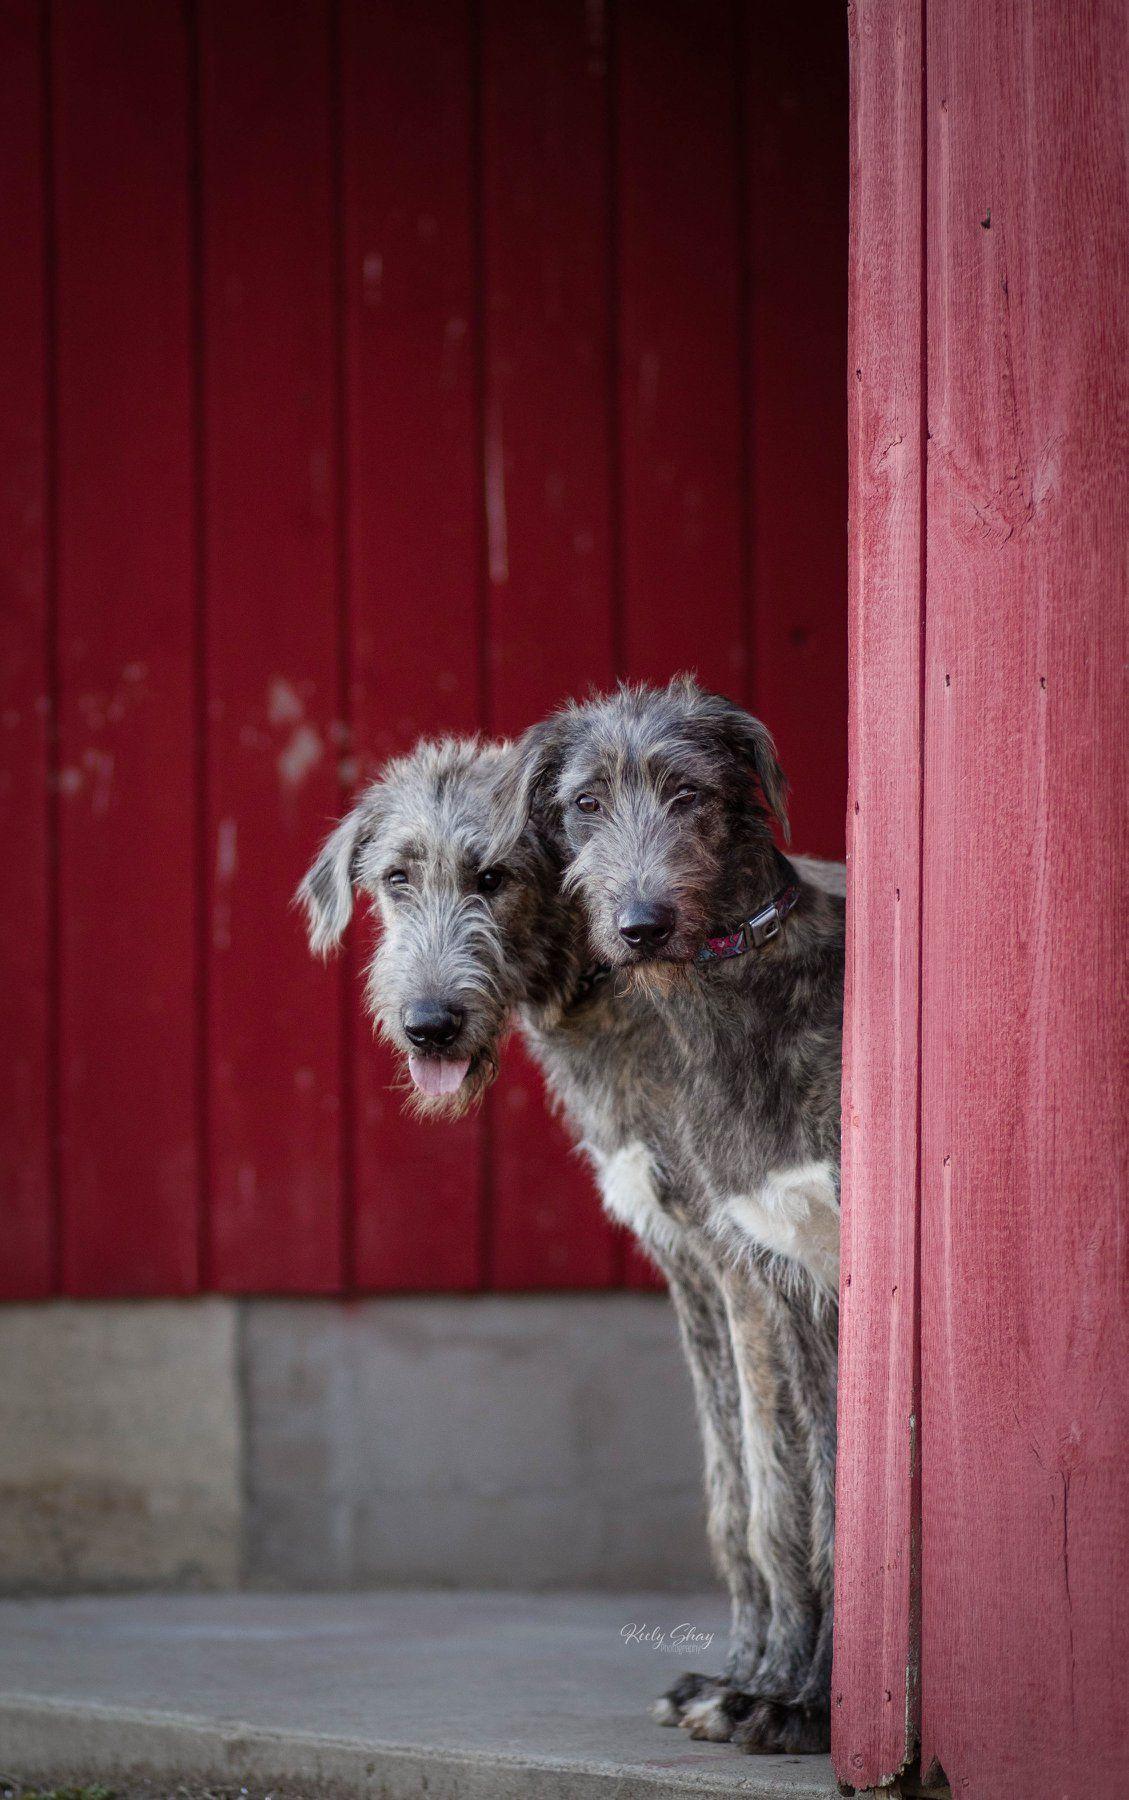 Pin By Lisa Zurschmeide On Wolfies In 2020 Irish Dog Wolfhound Animal Humor Dog